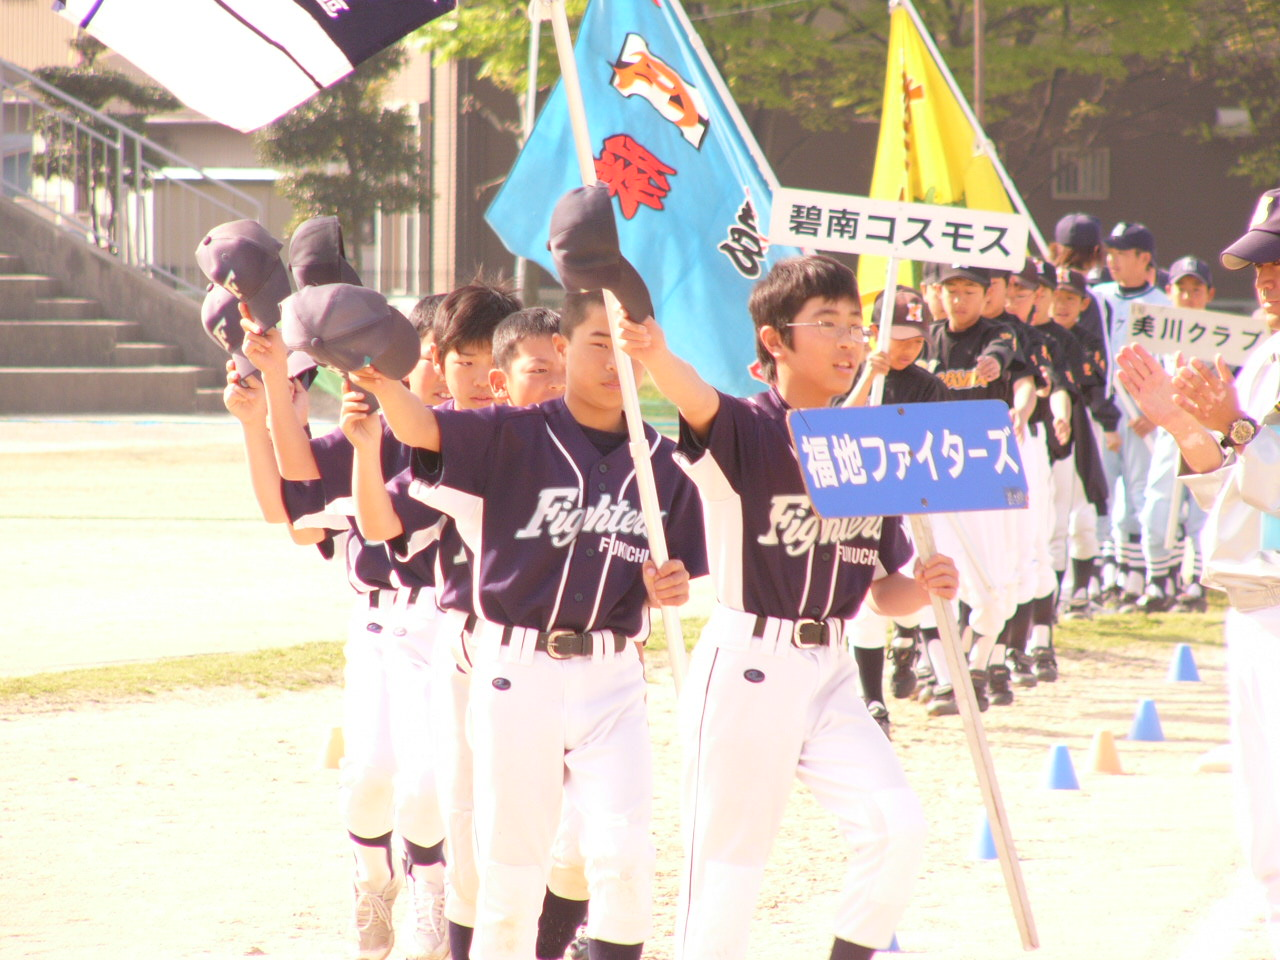 西尾市長旗杯開会式 (14)